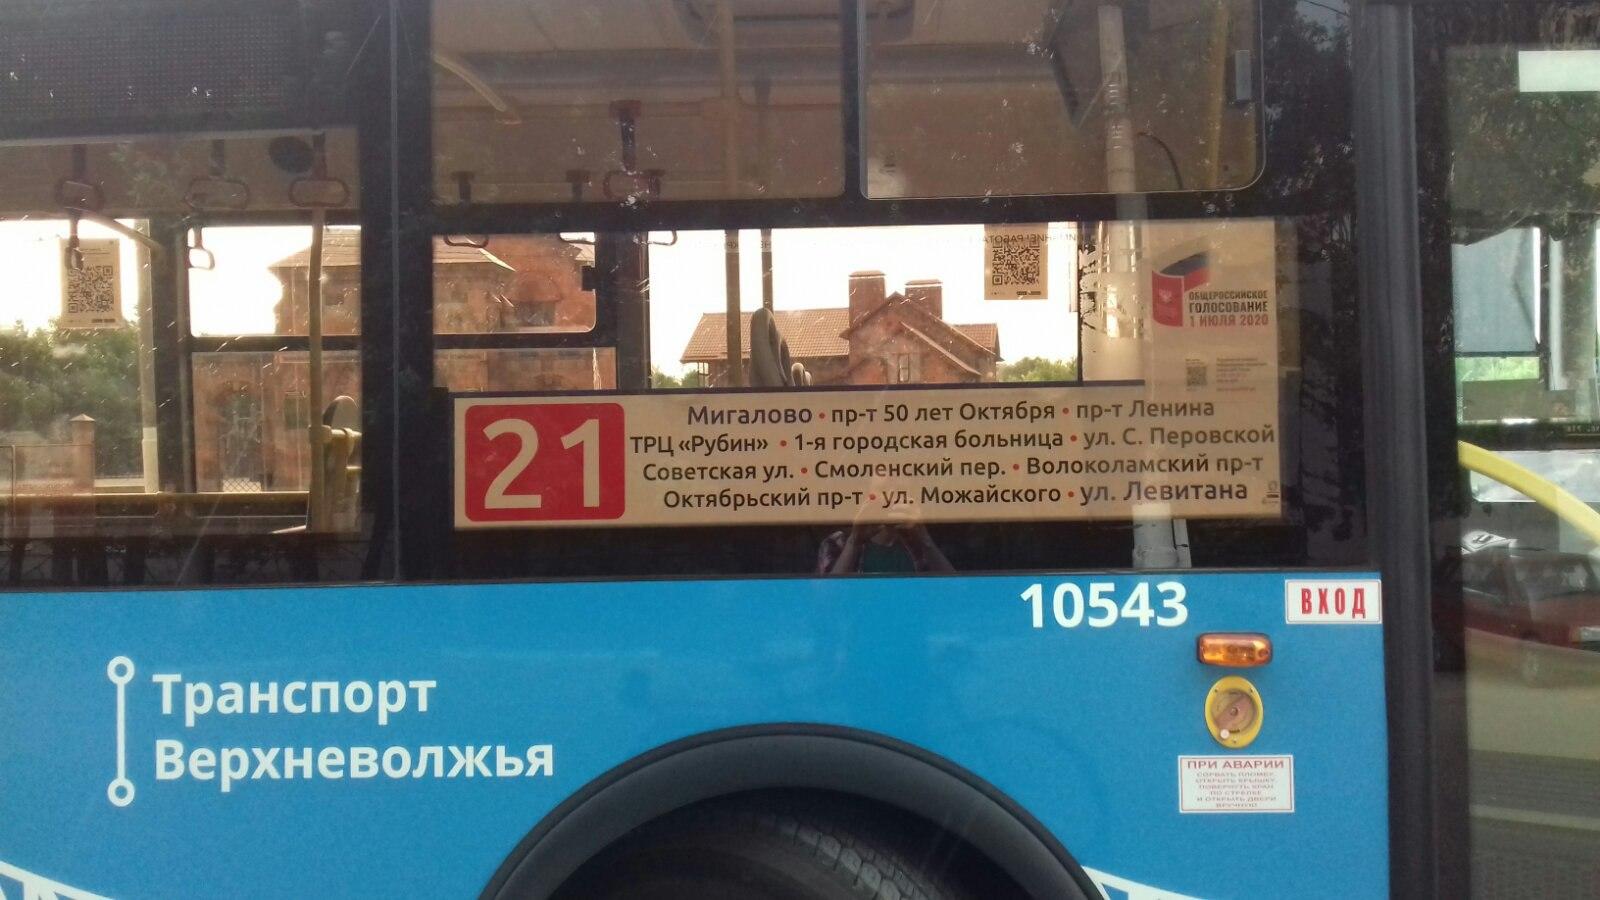 На общественном транспорте Твери и Калининского района появились маршрутные таблички-указатели